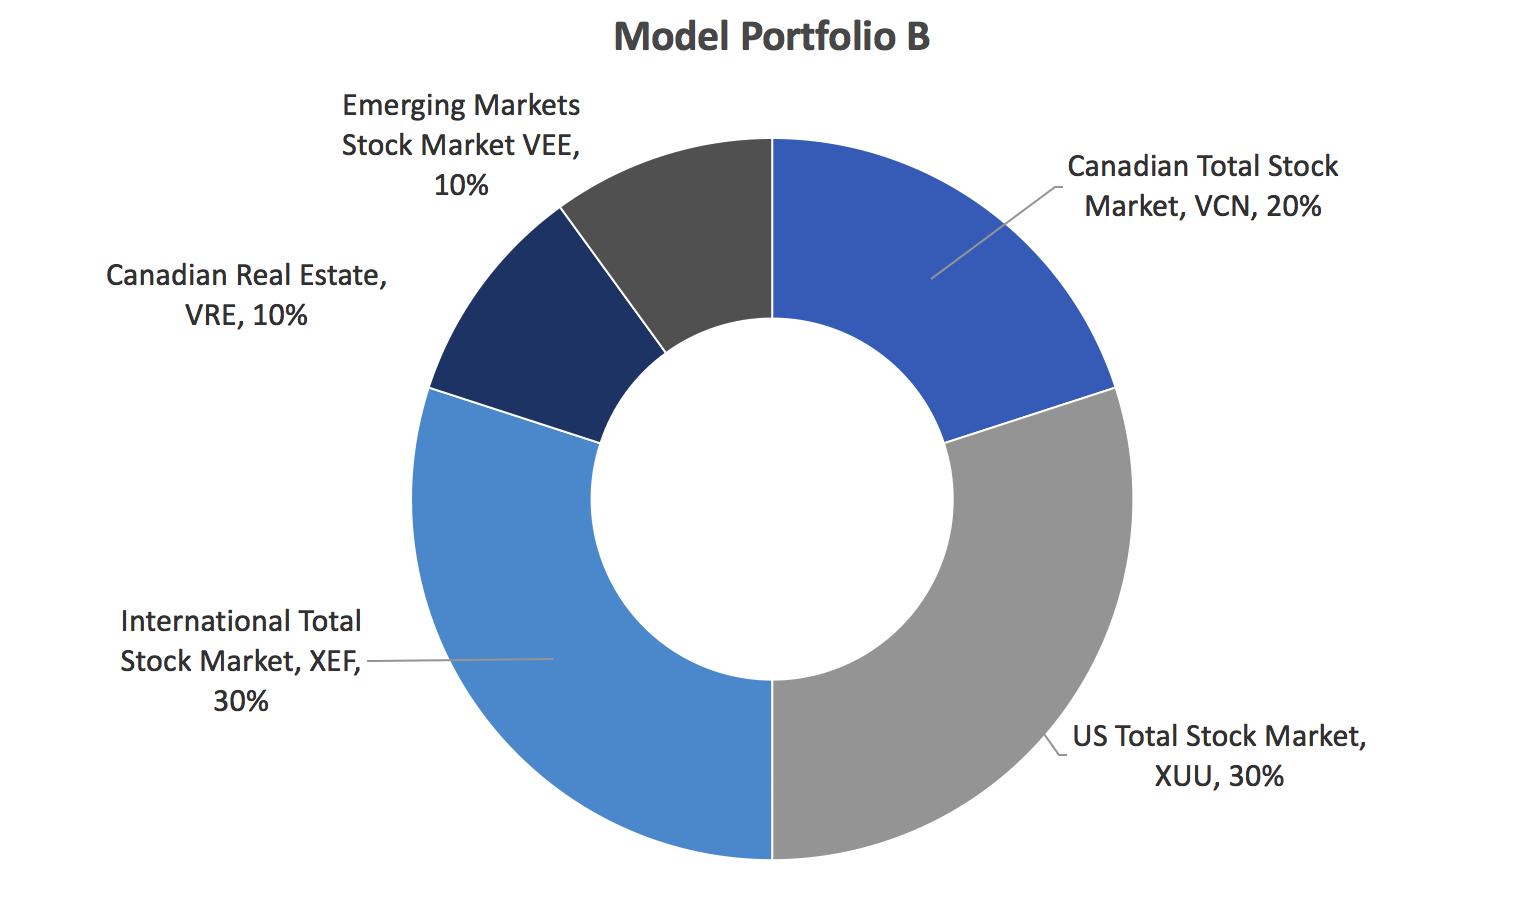 index-fund-model-portfolio-b